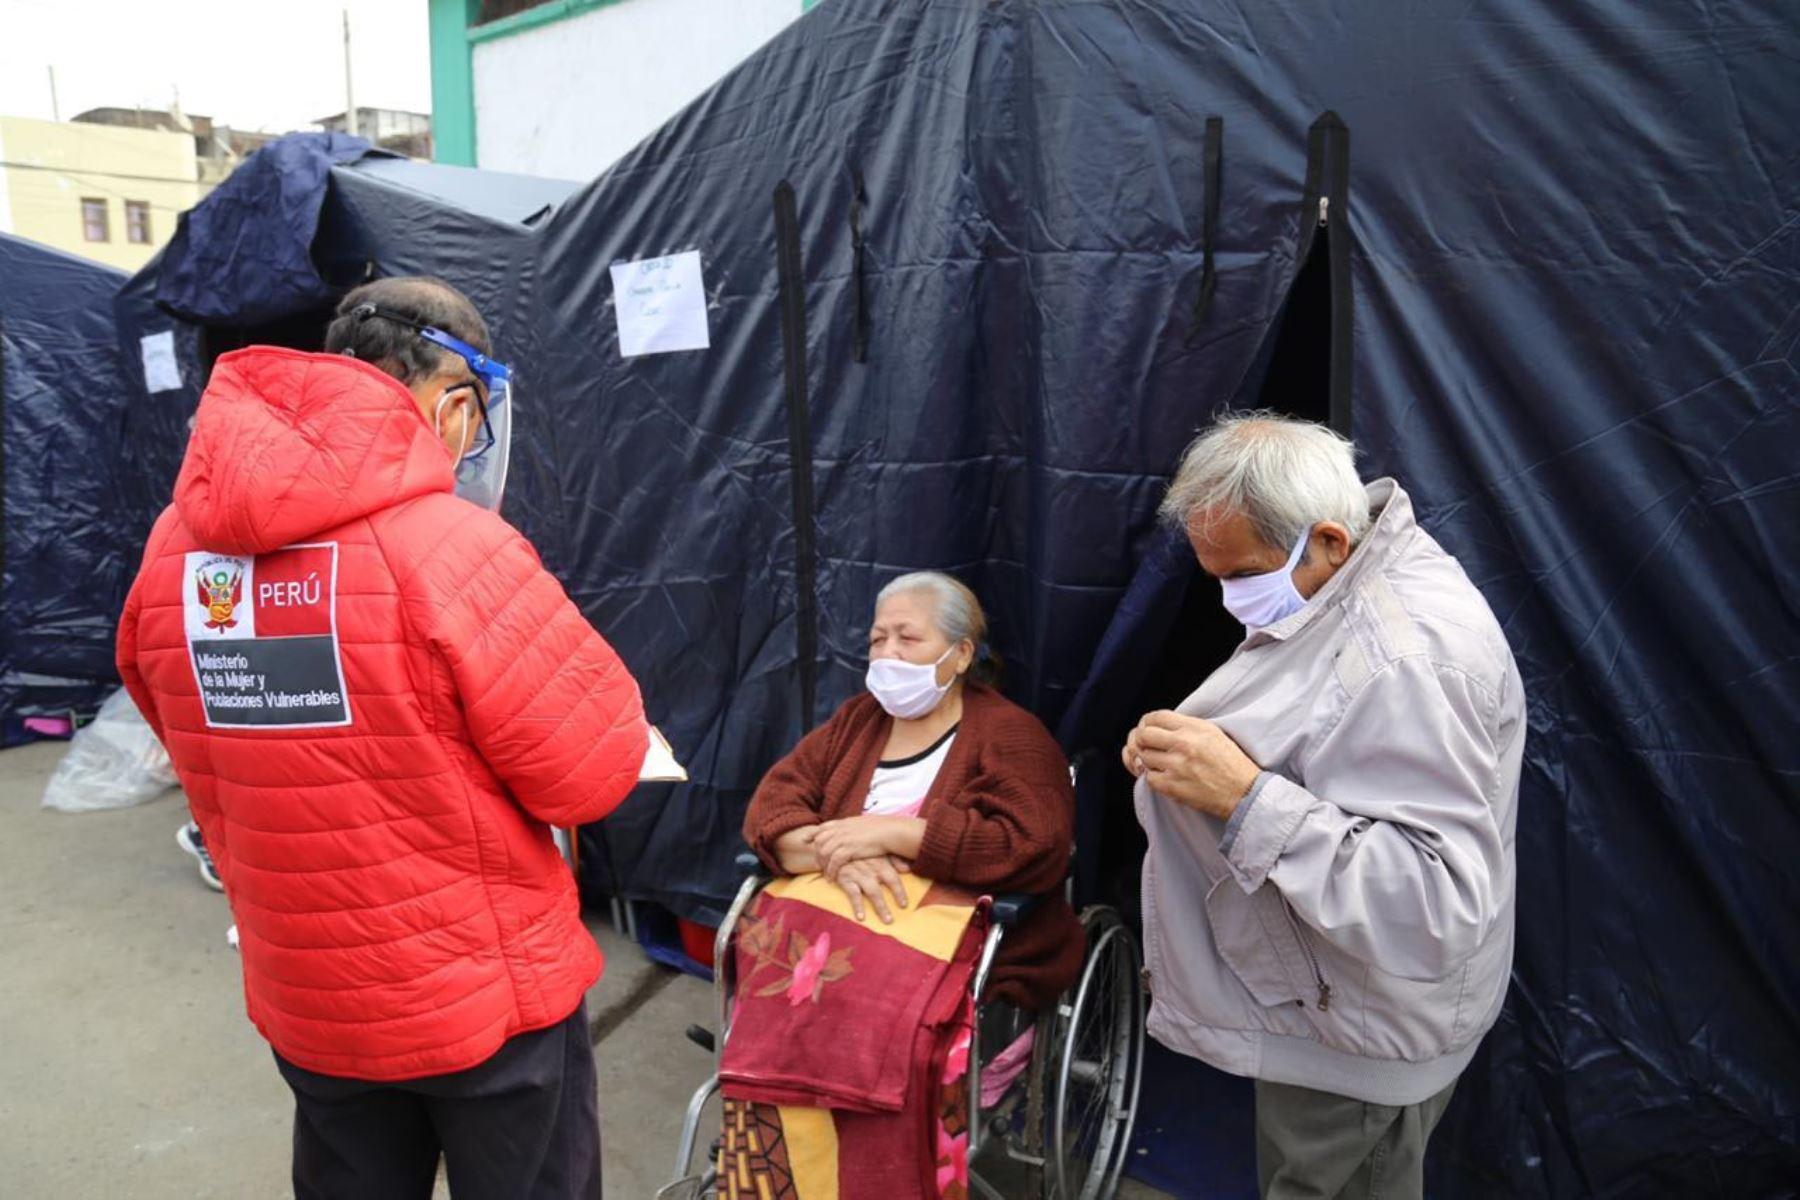 Ministerio de la Mujer a través de un equipo del Inabif  brinda contención emocional y soporte  psicológico a las familias que fueron afectadas por el incendio en el Cercado de Lima. También entregan alimentos  y botellas de agua a las familias empadronadas. Foto: MIMP